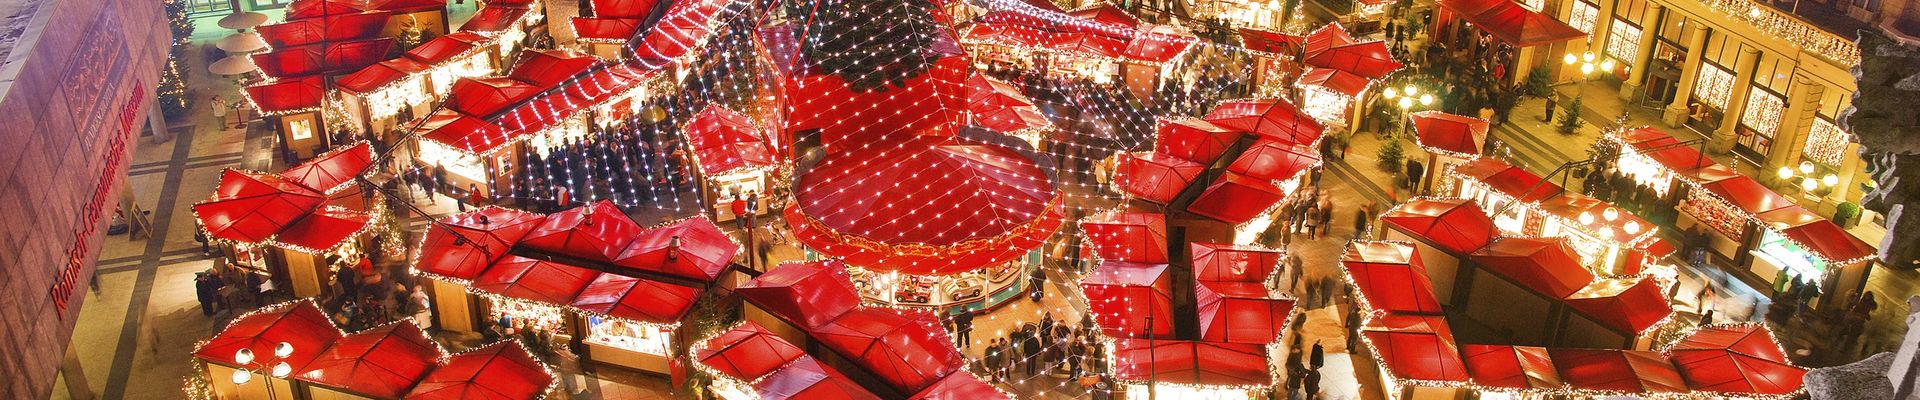 Kurzurlaub zum Weihnachtsmarkt